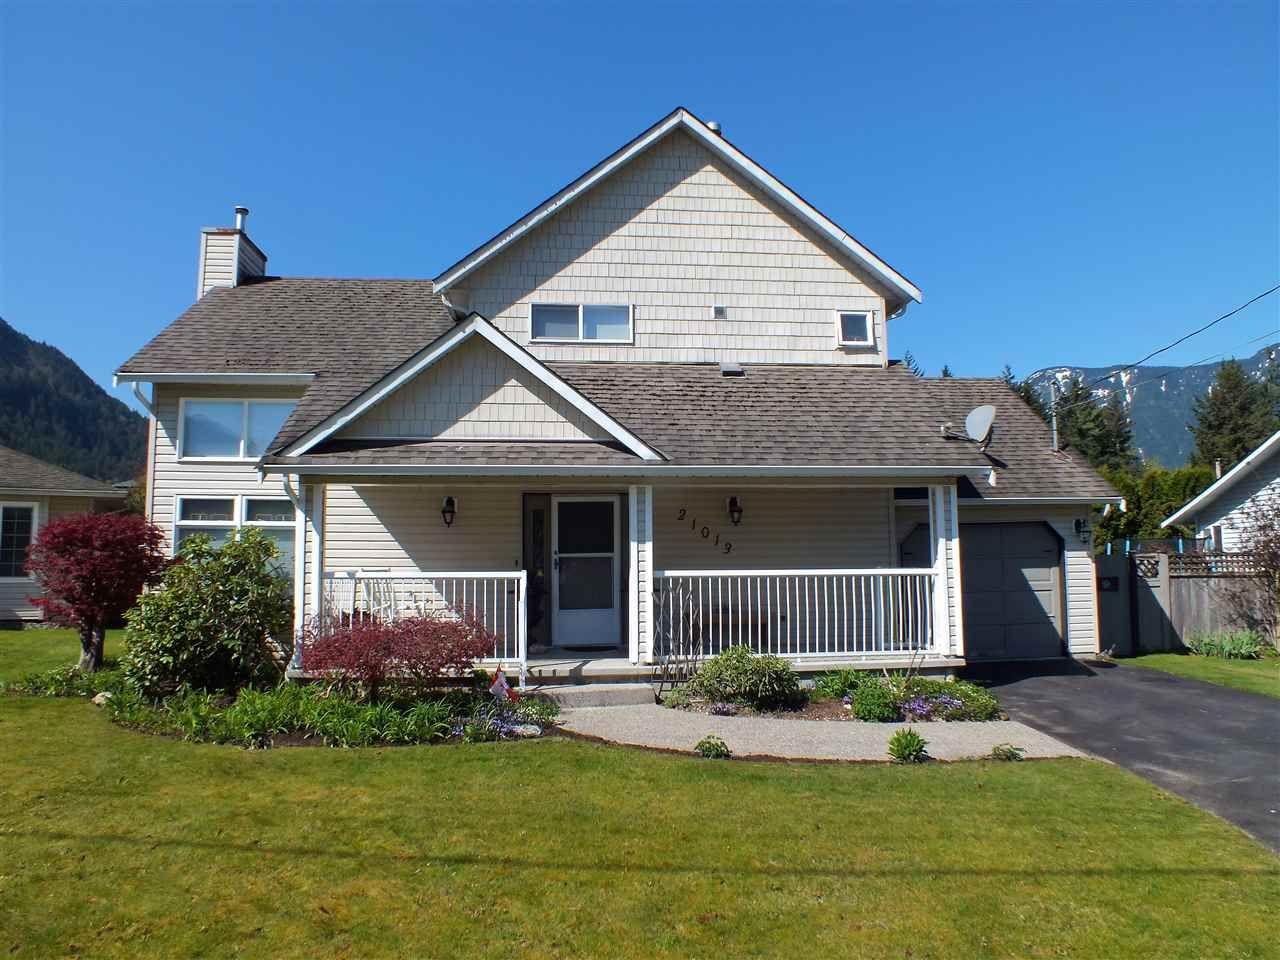 Main Photo: 21013 GREENWOOD Drive in Hope: Hope Kawkawa Lake House for sale : MLS®# R2569755